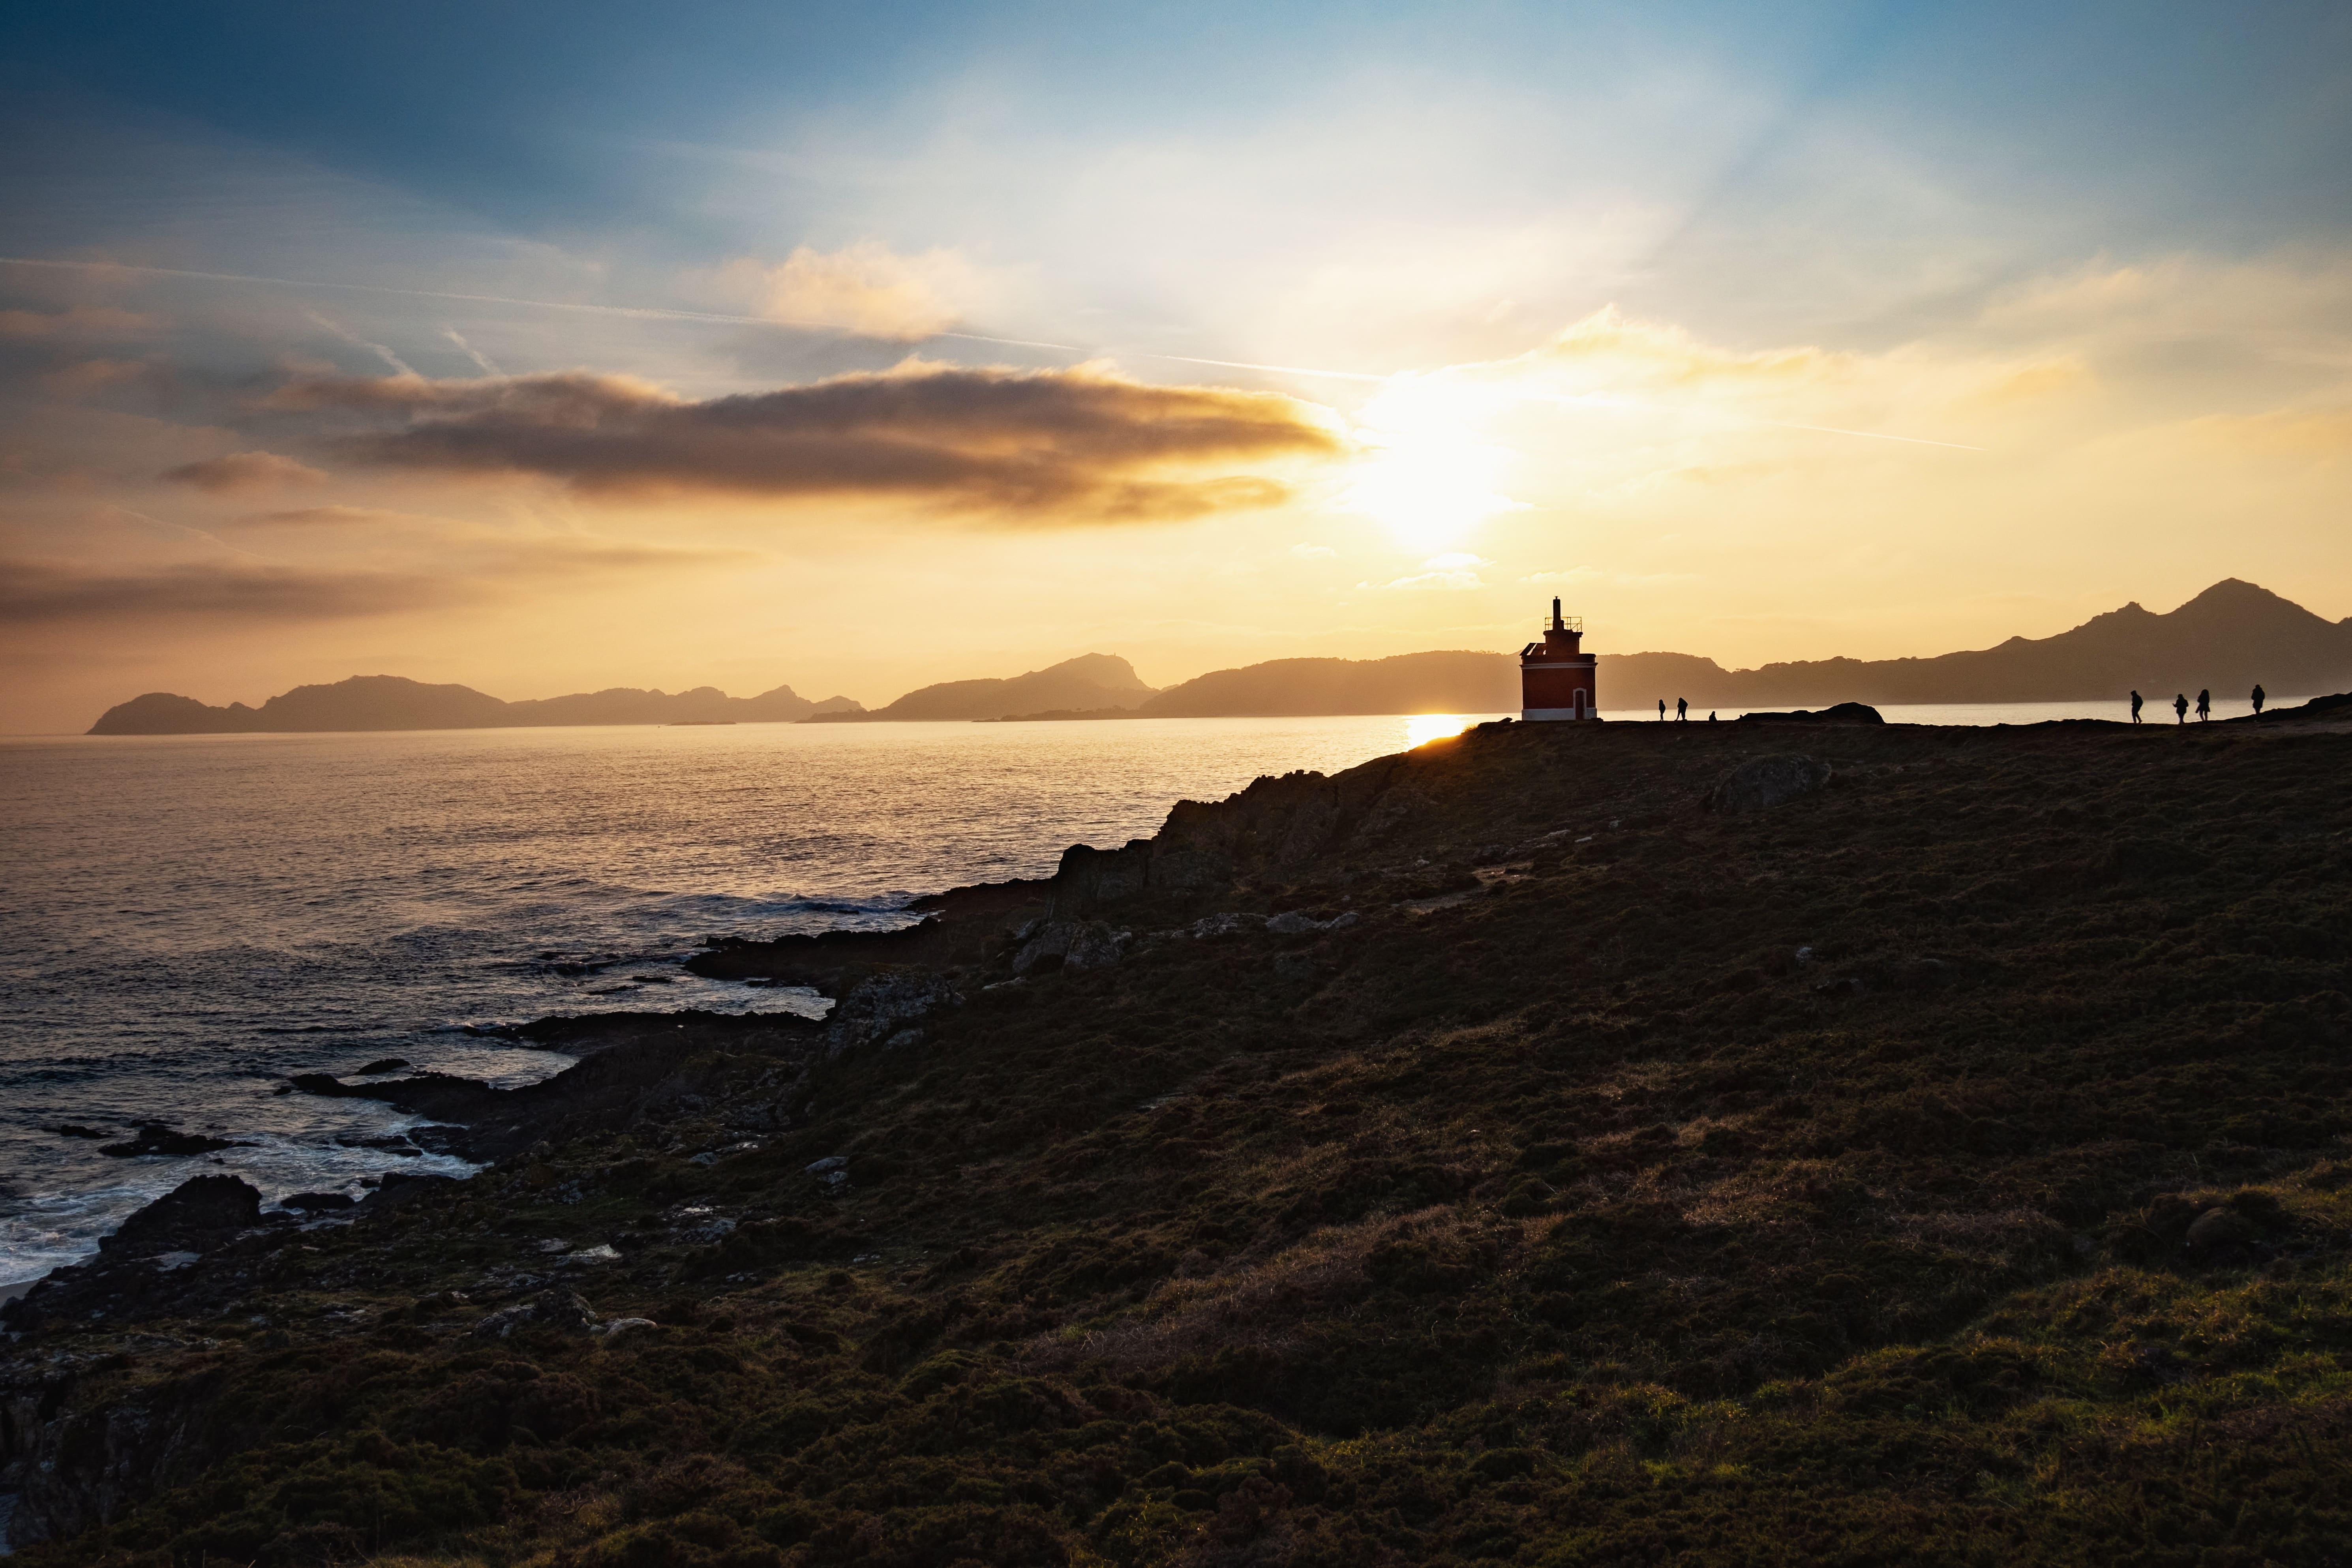 Que ver en la costa de galicia. Imagen puesta de sol